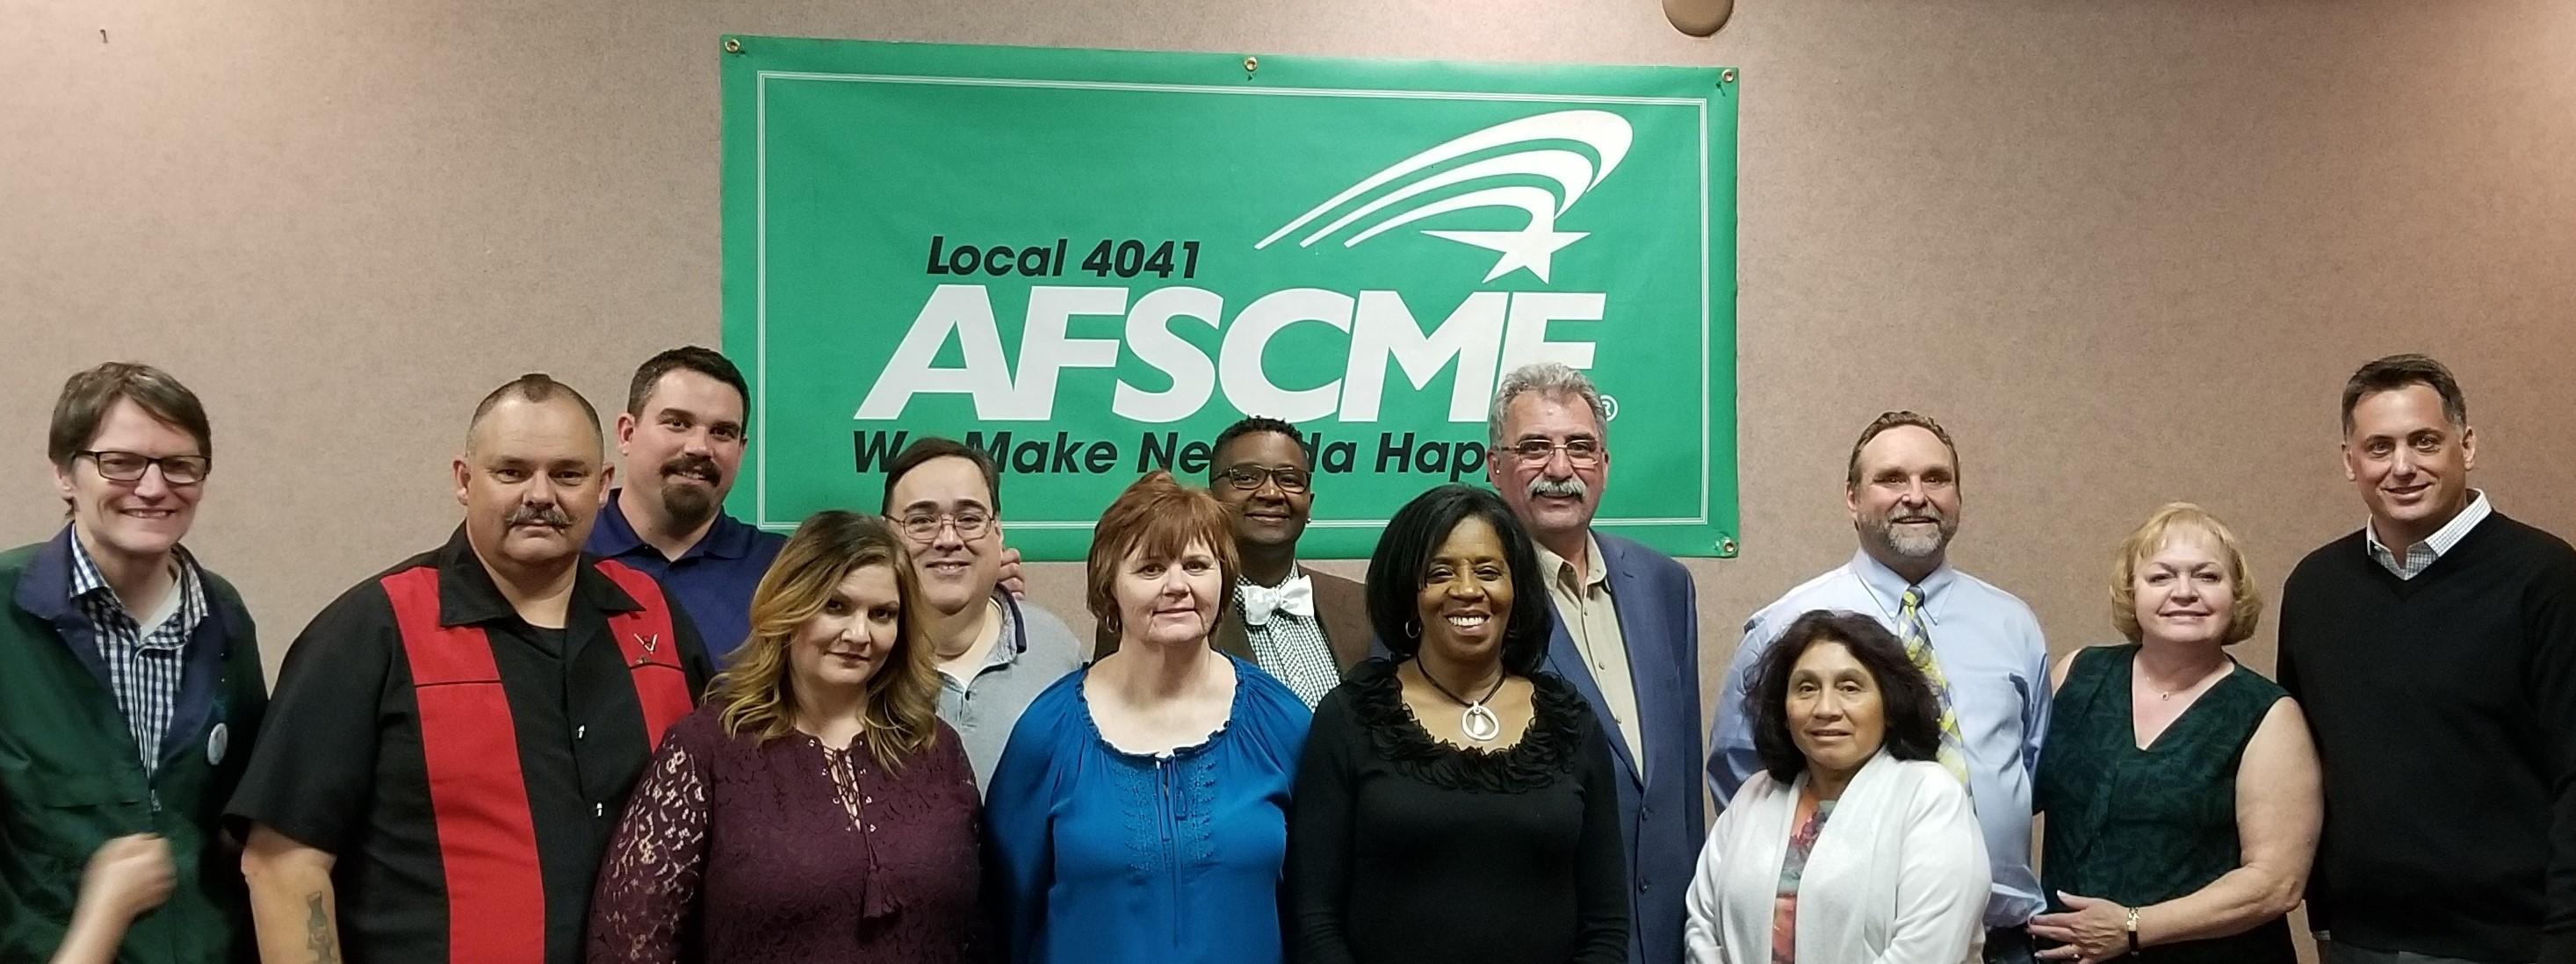 Local 4041 members